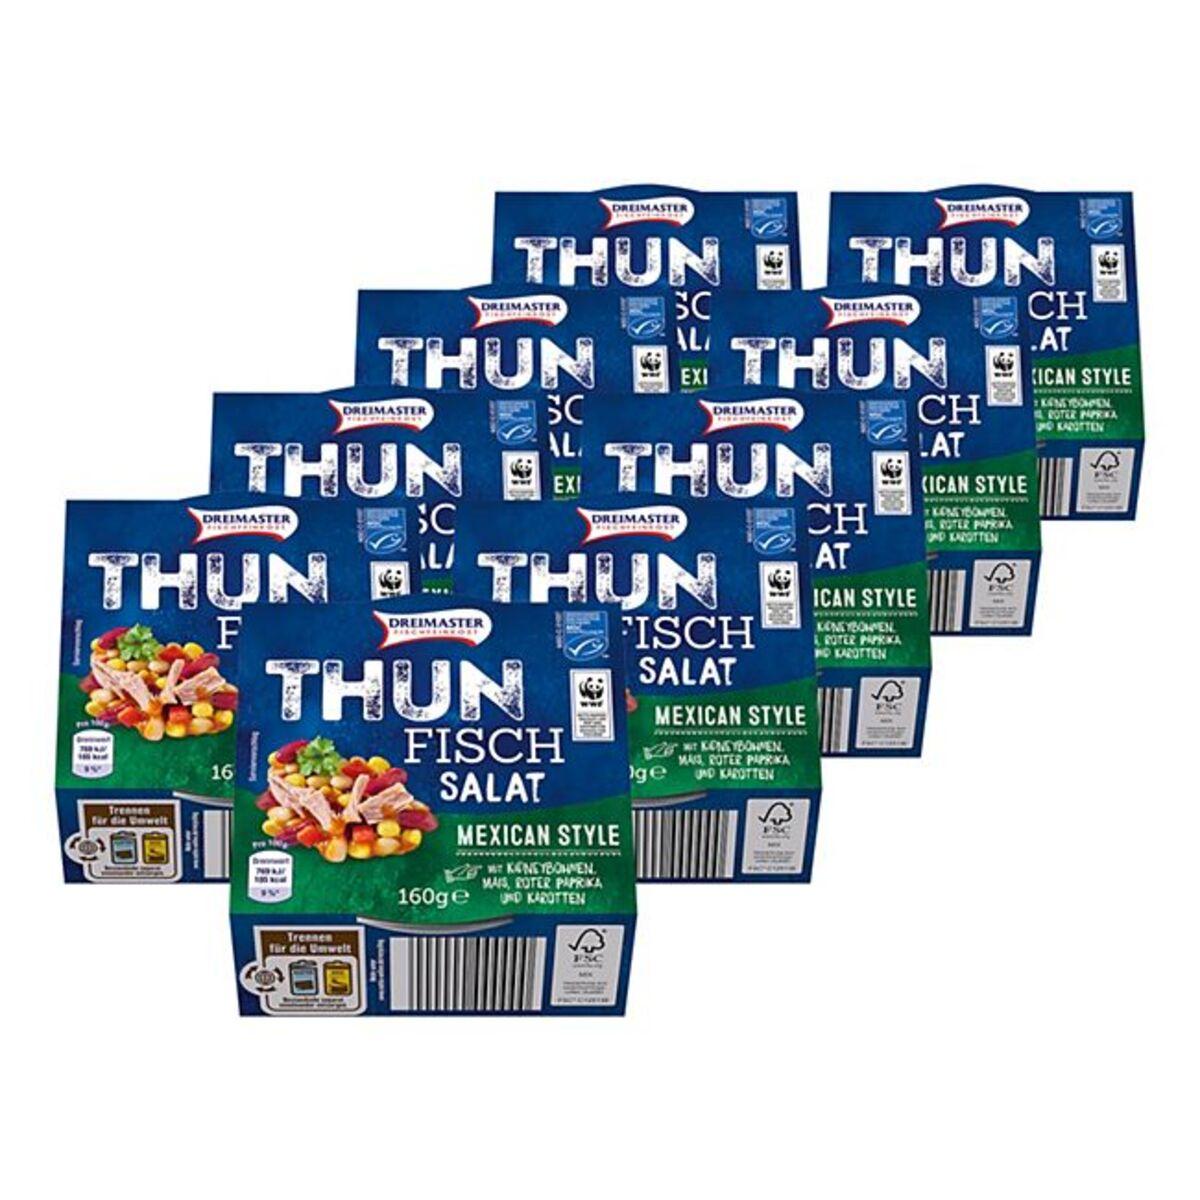 Bild 1 von Dreimaster Thunfischsalat Mexican Style 160 g, 9er Pack